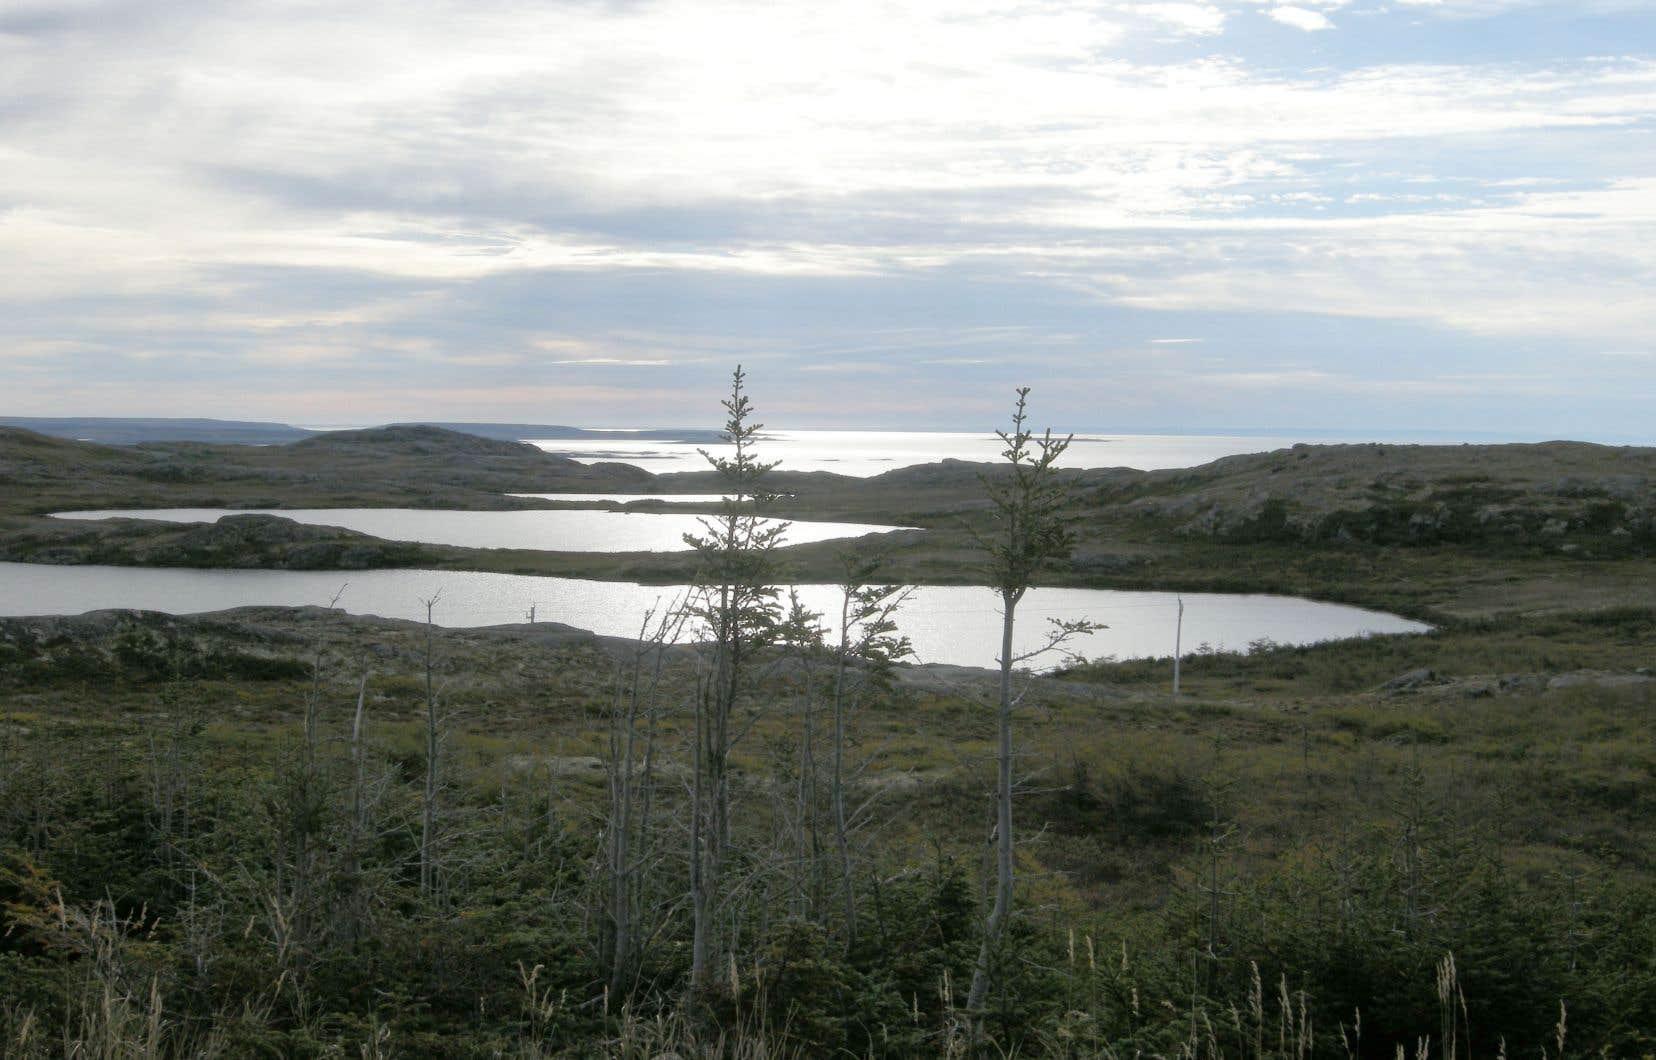 Paysage de bout du monde à l'ouest de Blanc-Sablon, une petite municipalité située à la frontière de la province de Terre-Neuve-et-Labrador. Un peu plus de 1000 personnes y vivent.